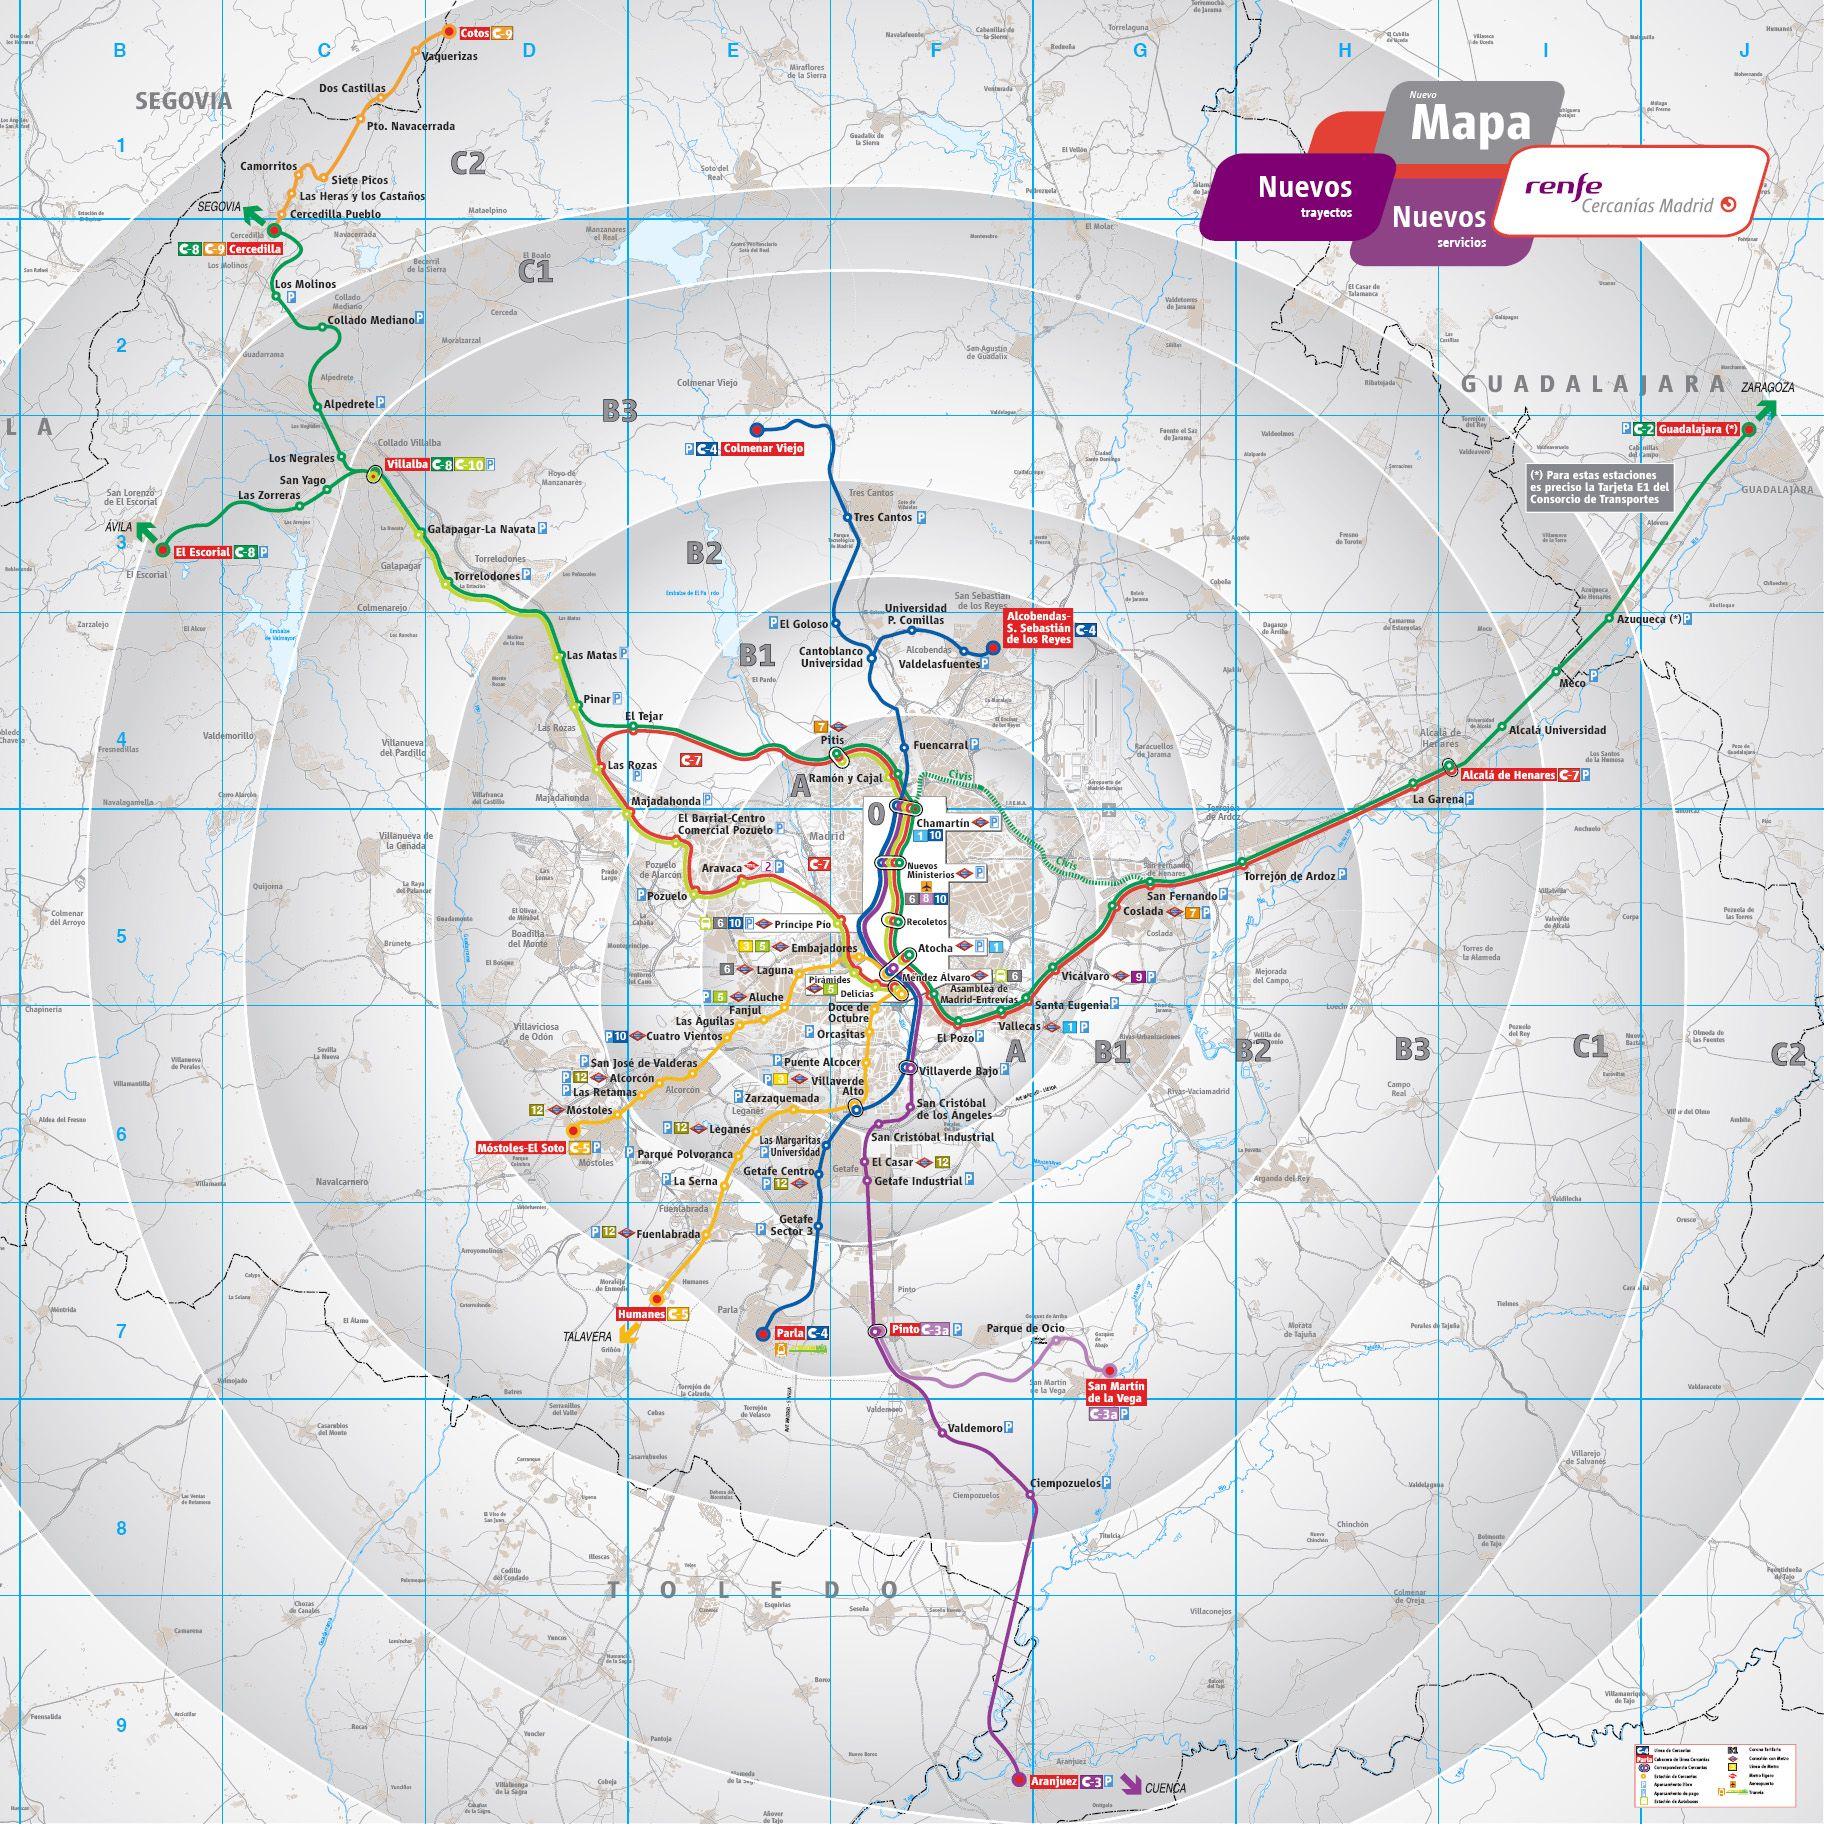 Mapa De Tren Madrid.Madrid Hop On Hop Off Bus Route Map Combo Deals 2020